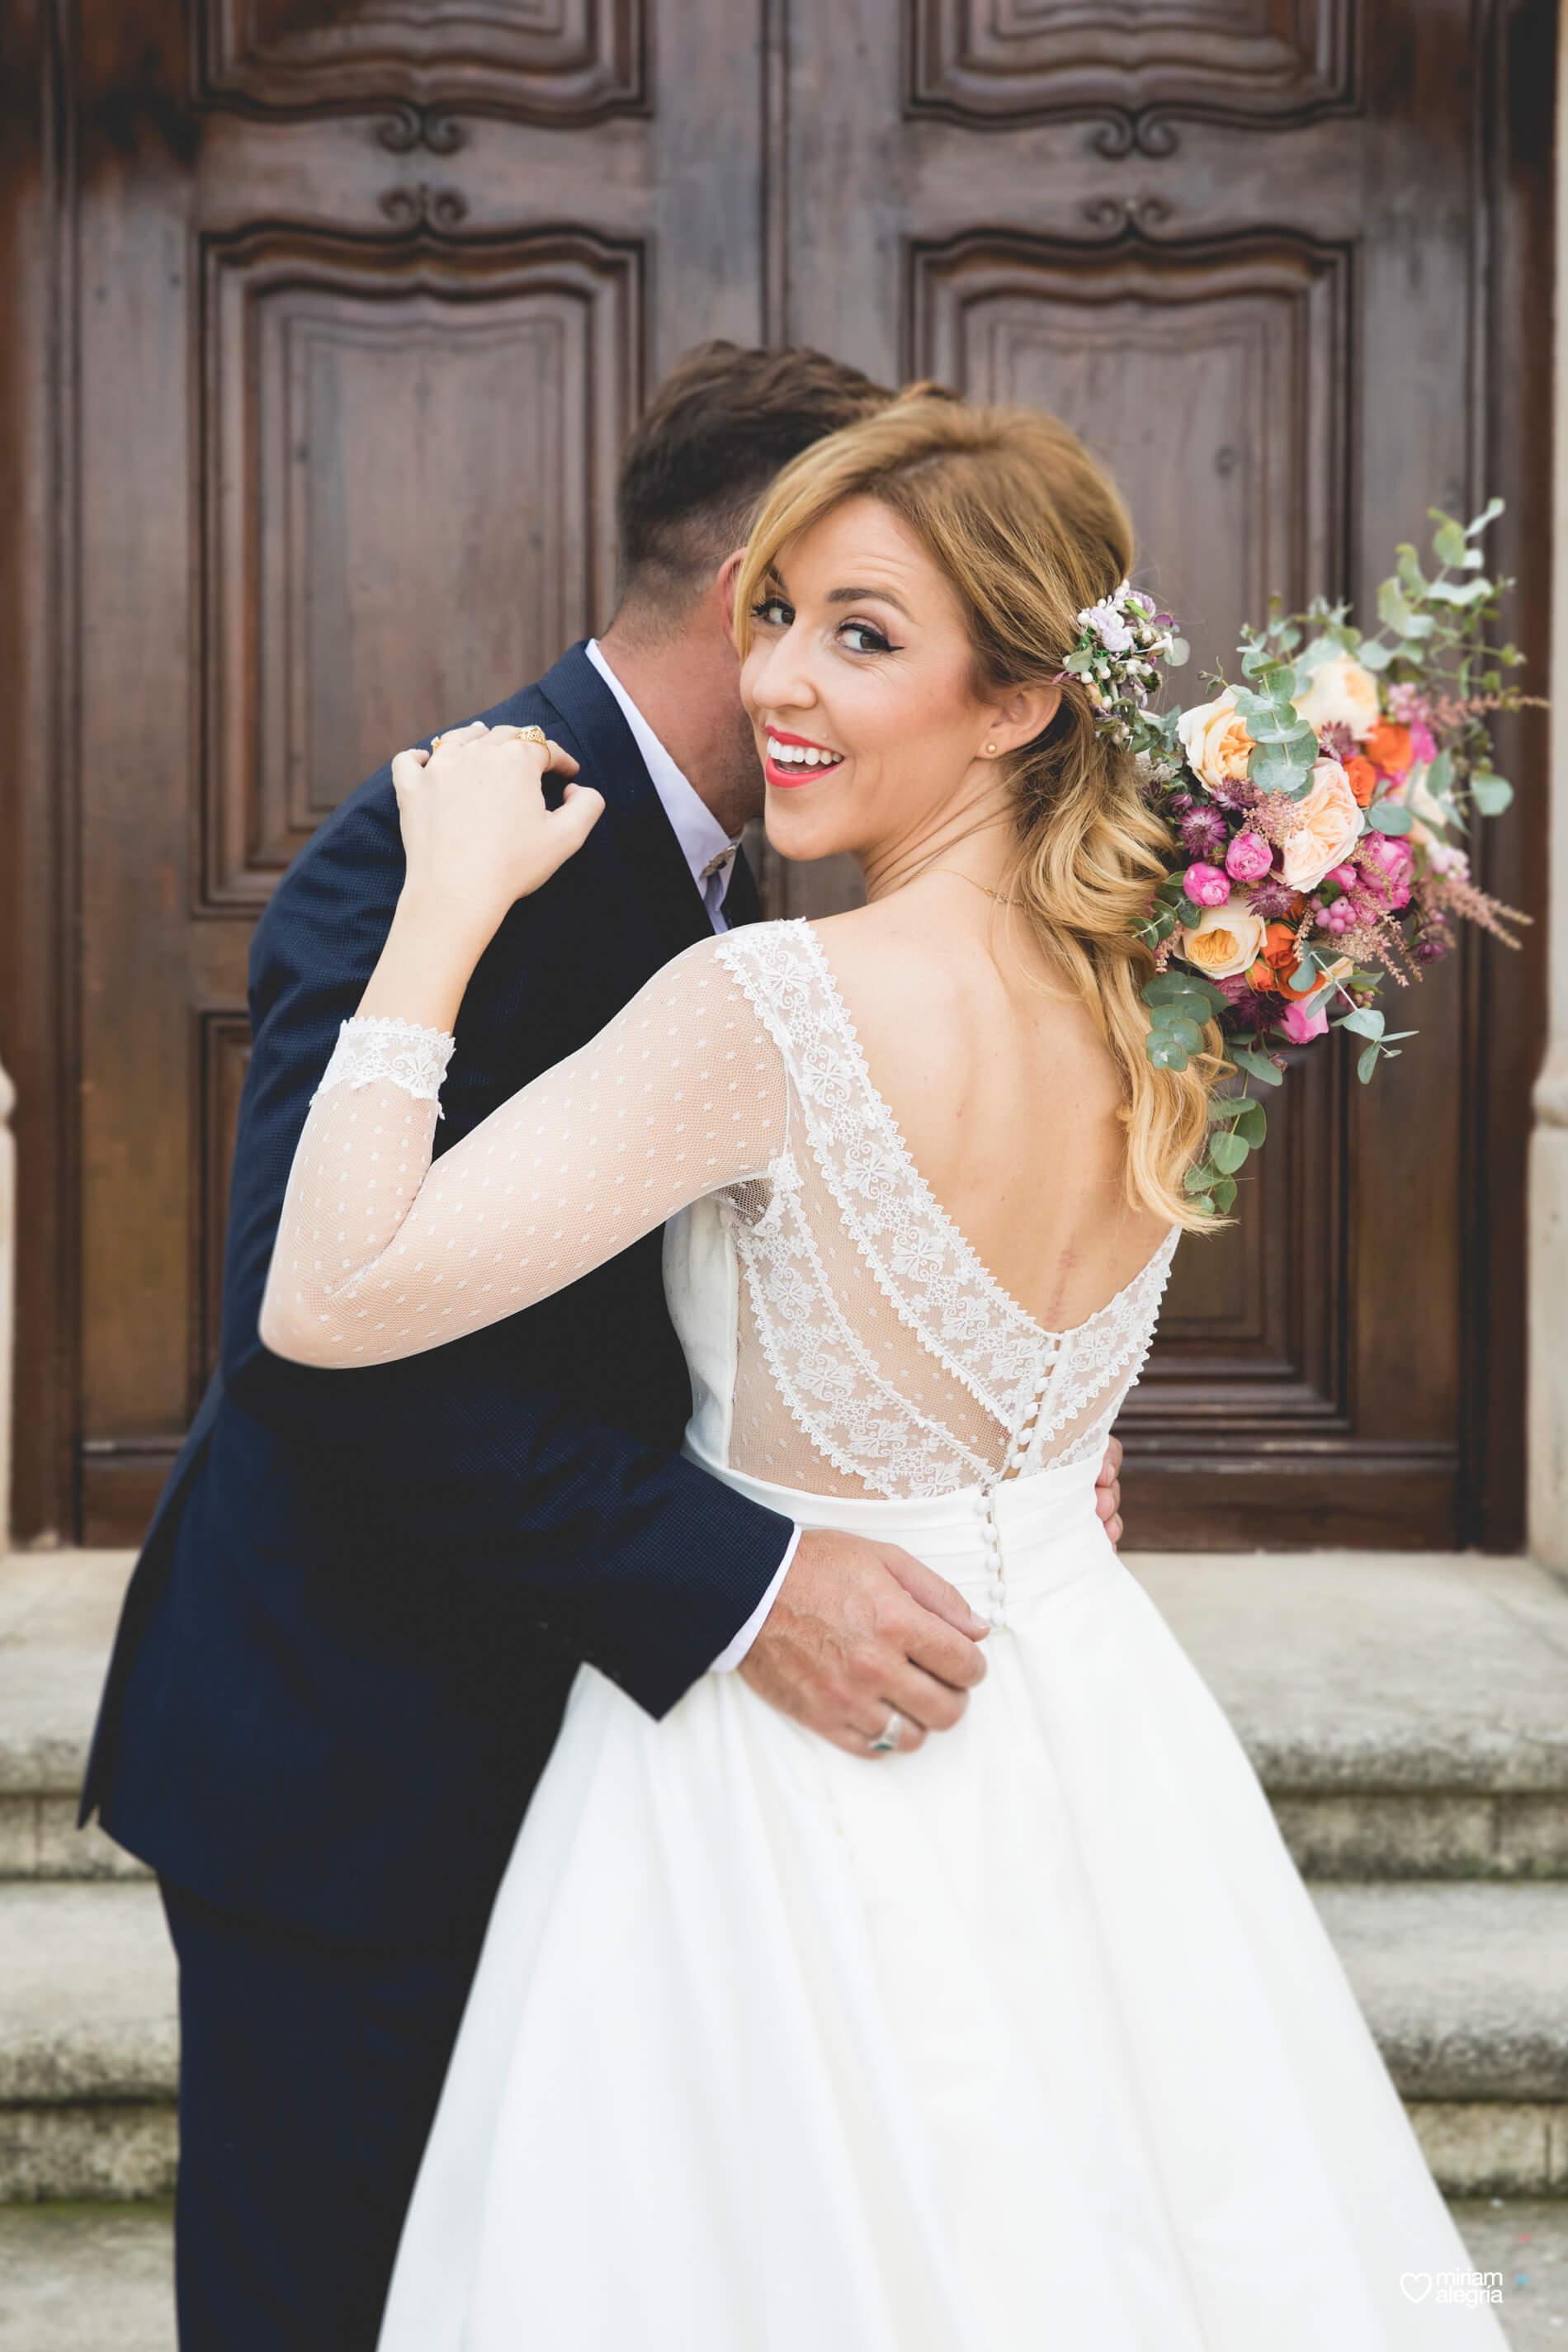 boda-en-finca-villa-vera-de-alemc7-miriam-alegria-fotografos-boda-murcia-111